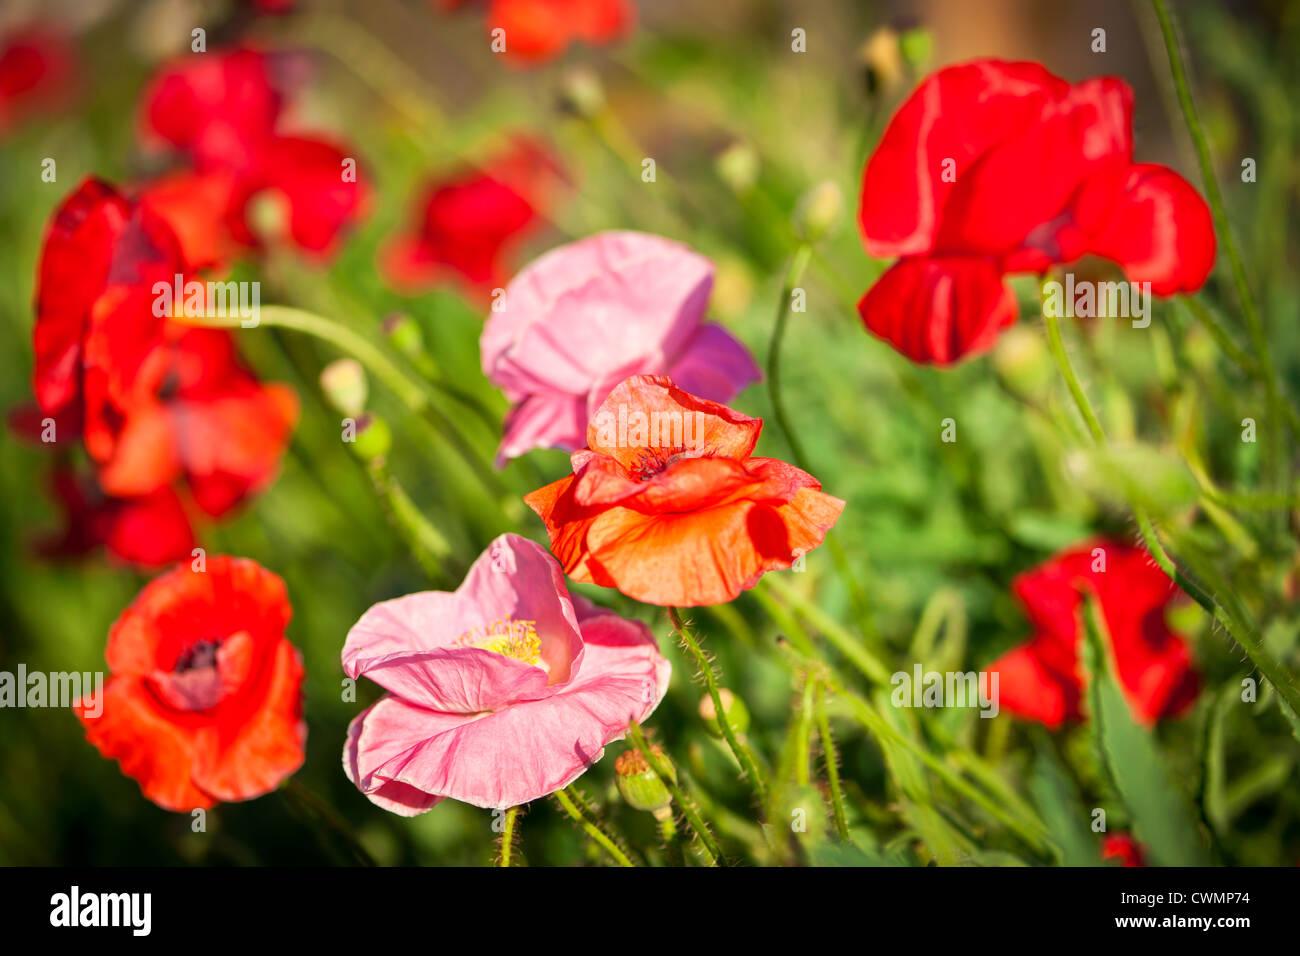 Coquelicots rouges et roses dans le jardin d'été Photo Stock